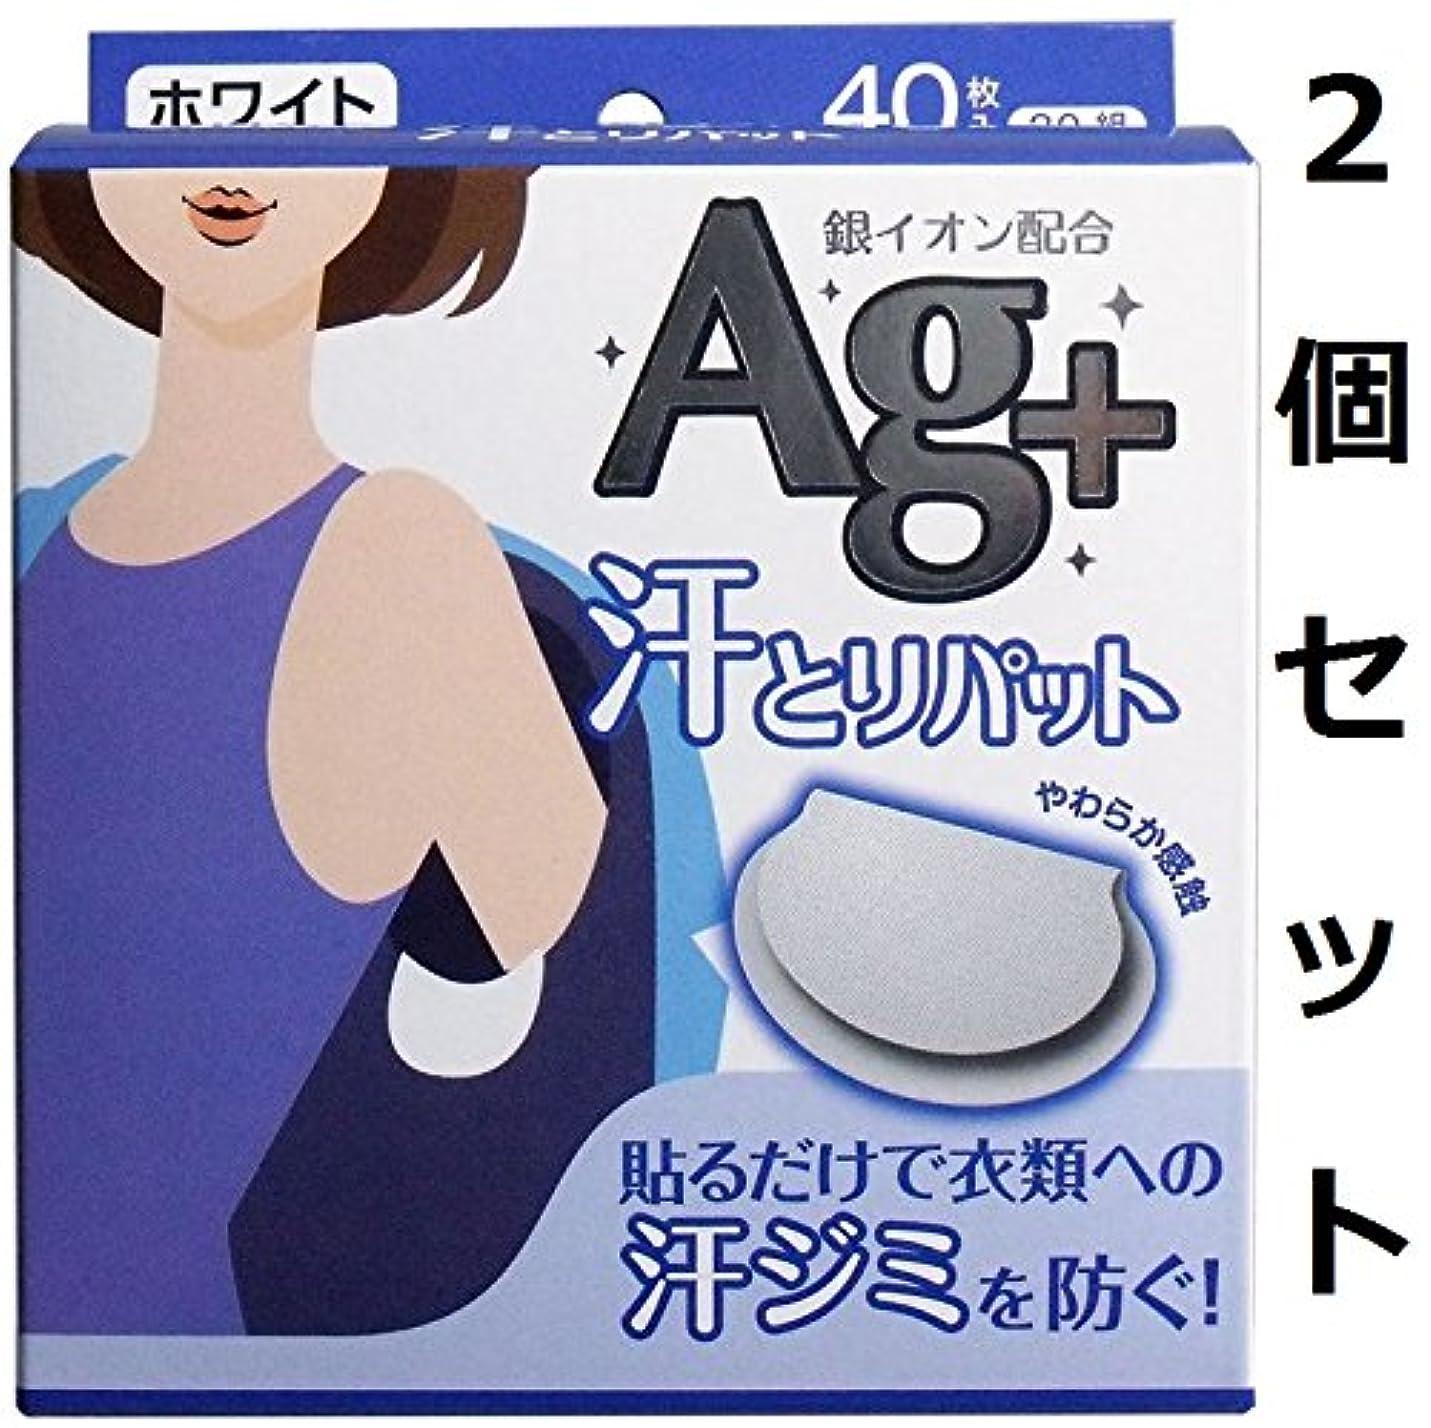 発明する検査官芸術衣服に貼り付けやすいハーフスリットの剥離紙 汗とりパット 銀イオン ホワイト 40枚(20組)入 2個セット